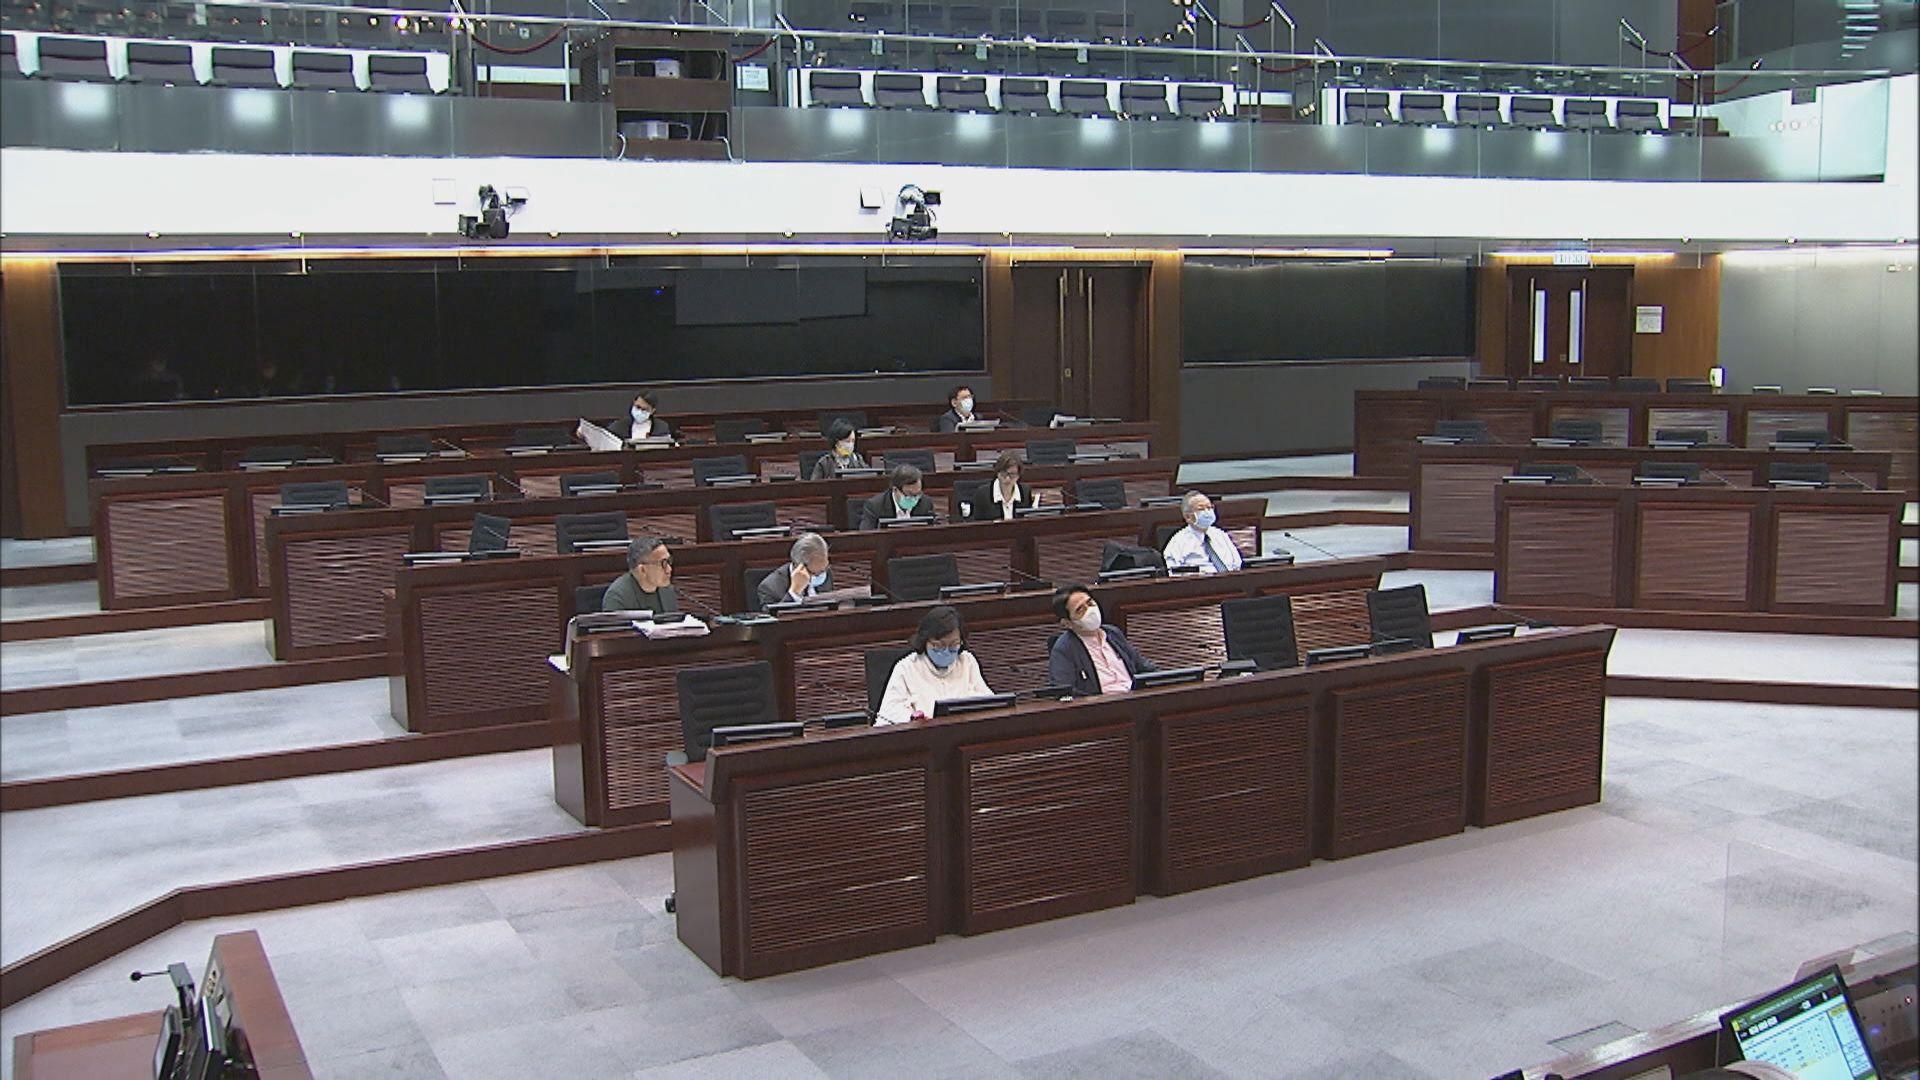 議員指拒借選舉場地罰款過輕 政府:重新檢視條文